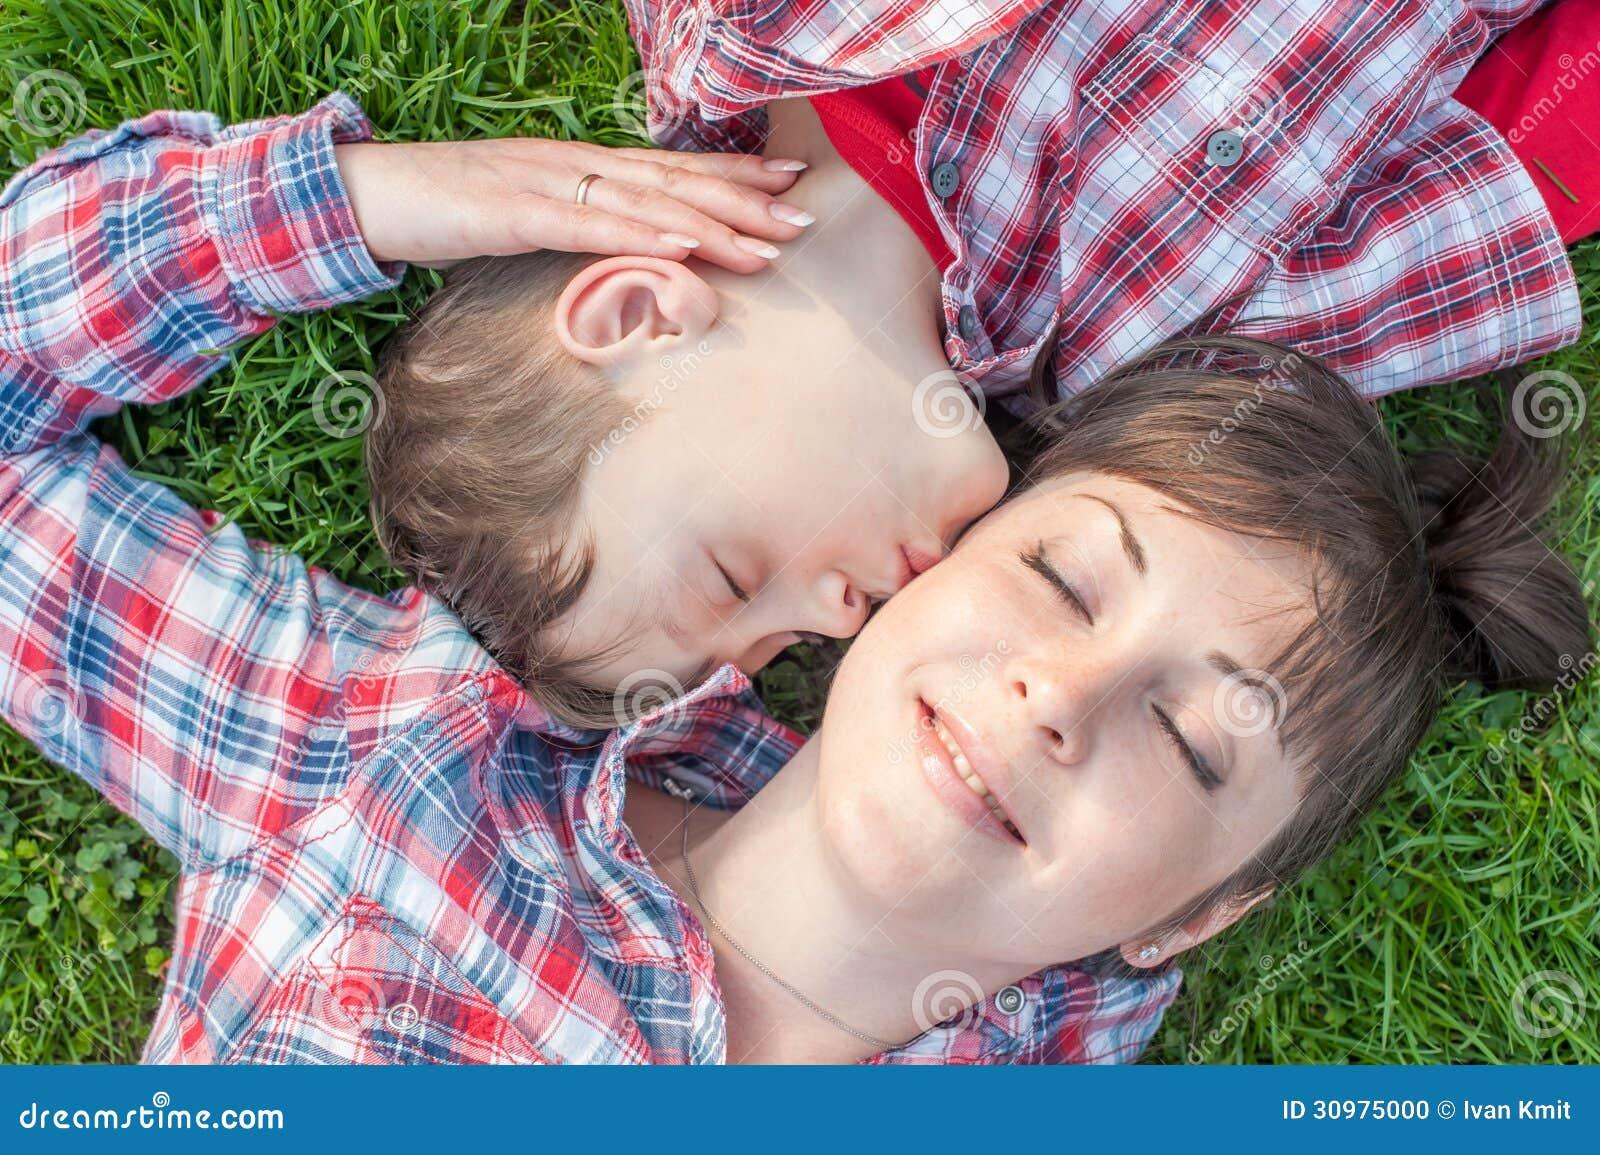 Смотреть сын и мам 13 фотография